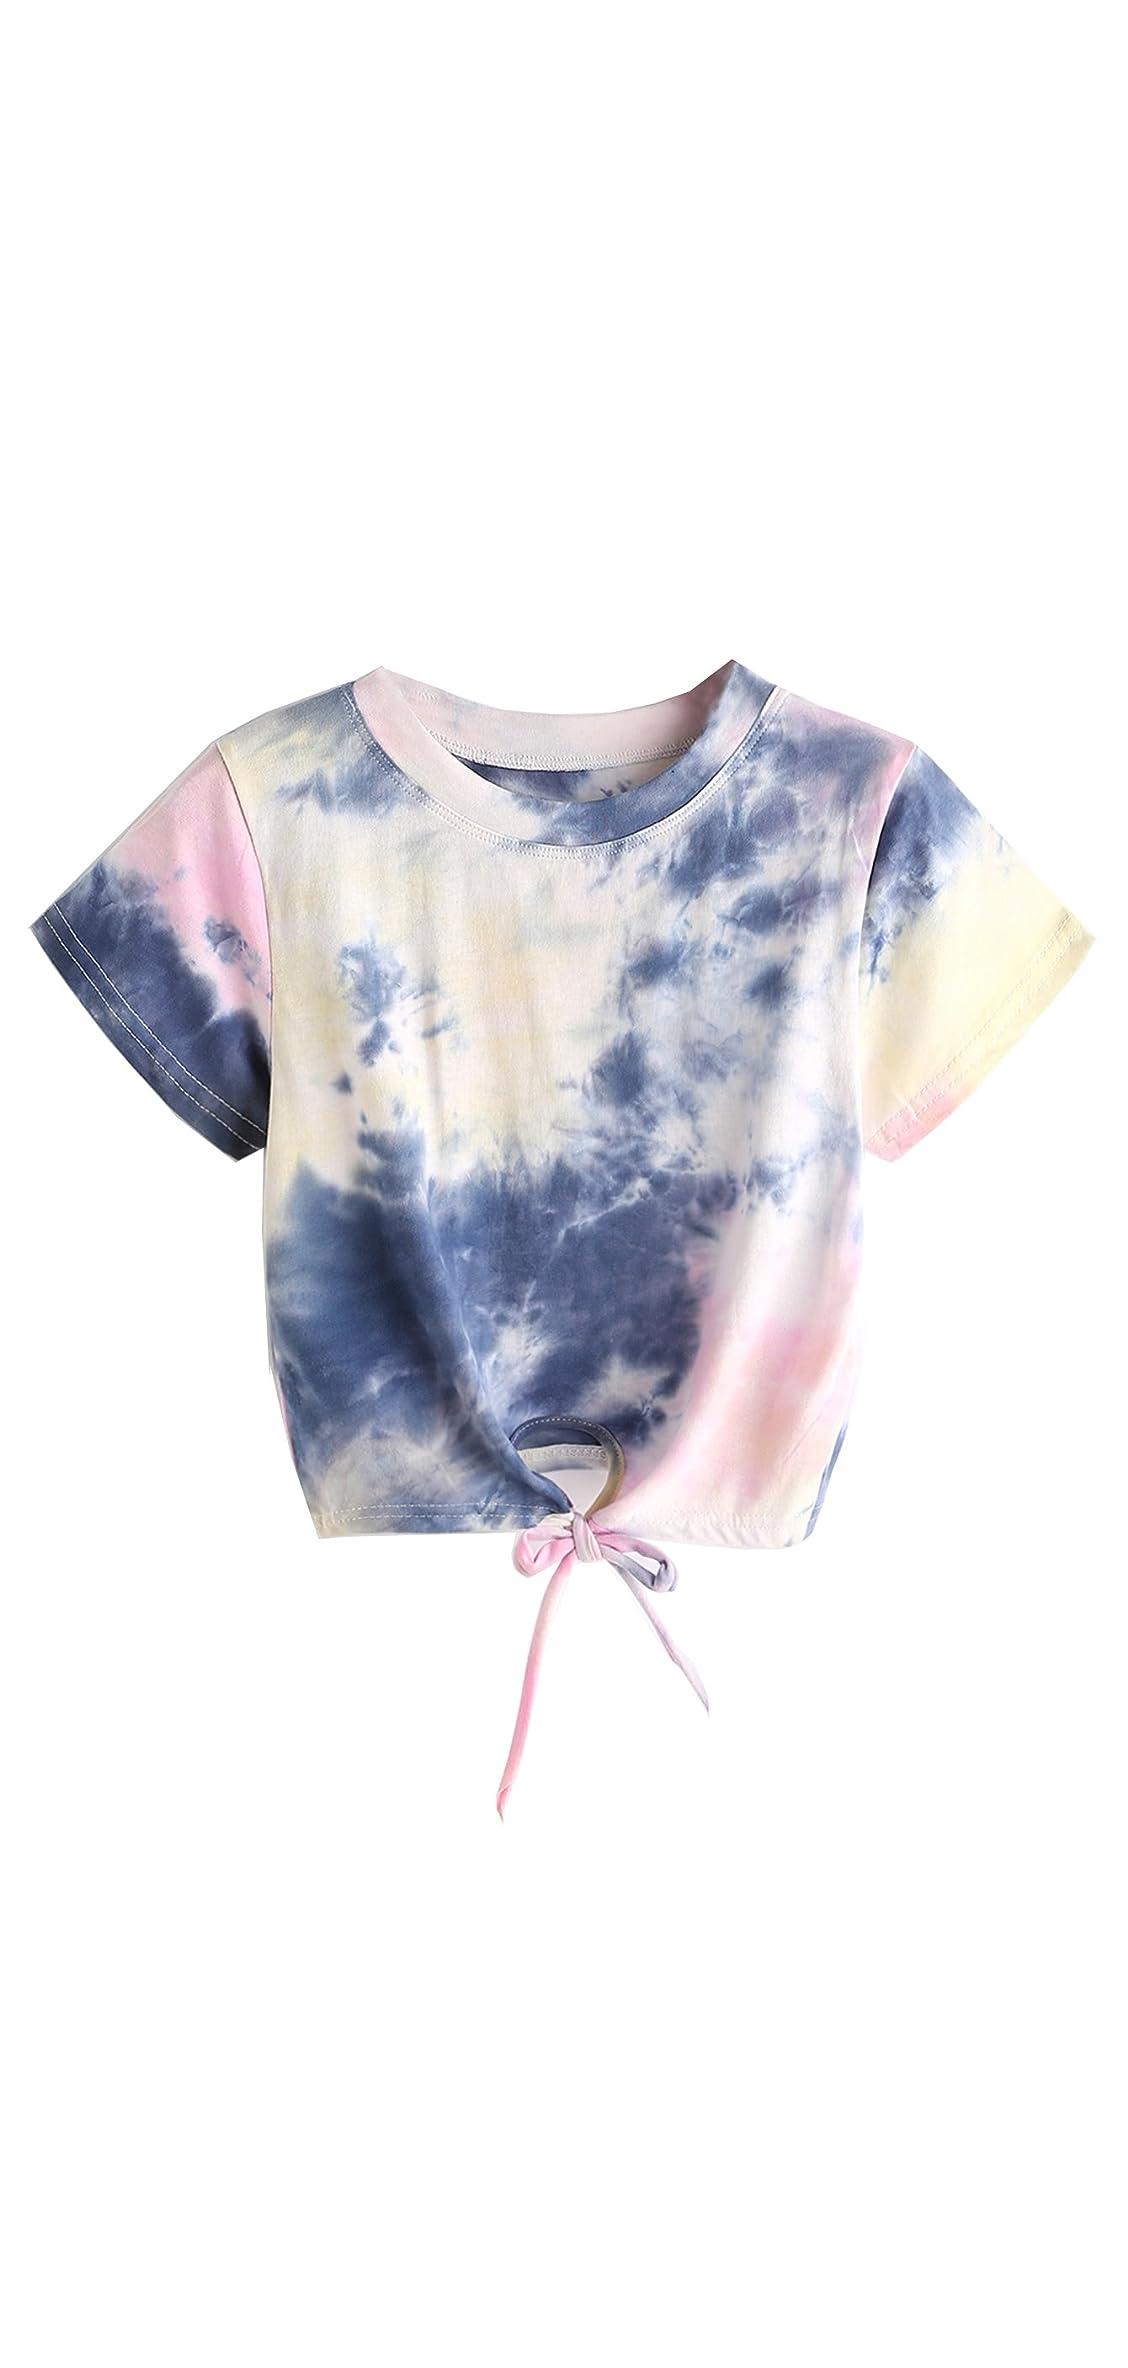 Women's Summer Short Sleeve Crop Top T-shirt Tie Top